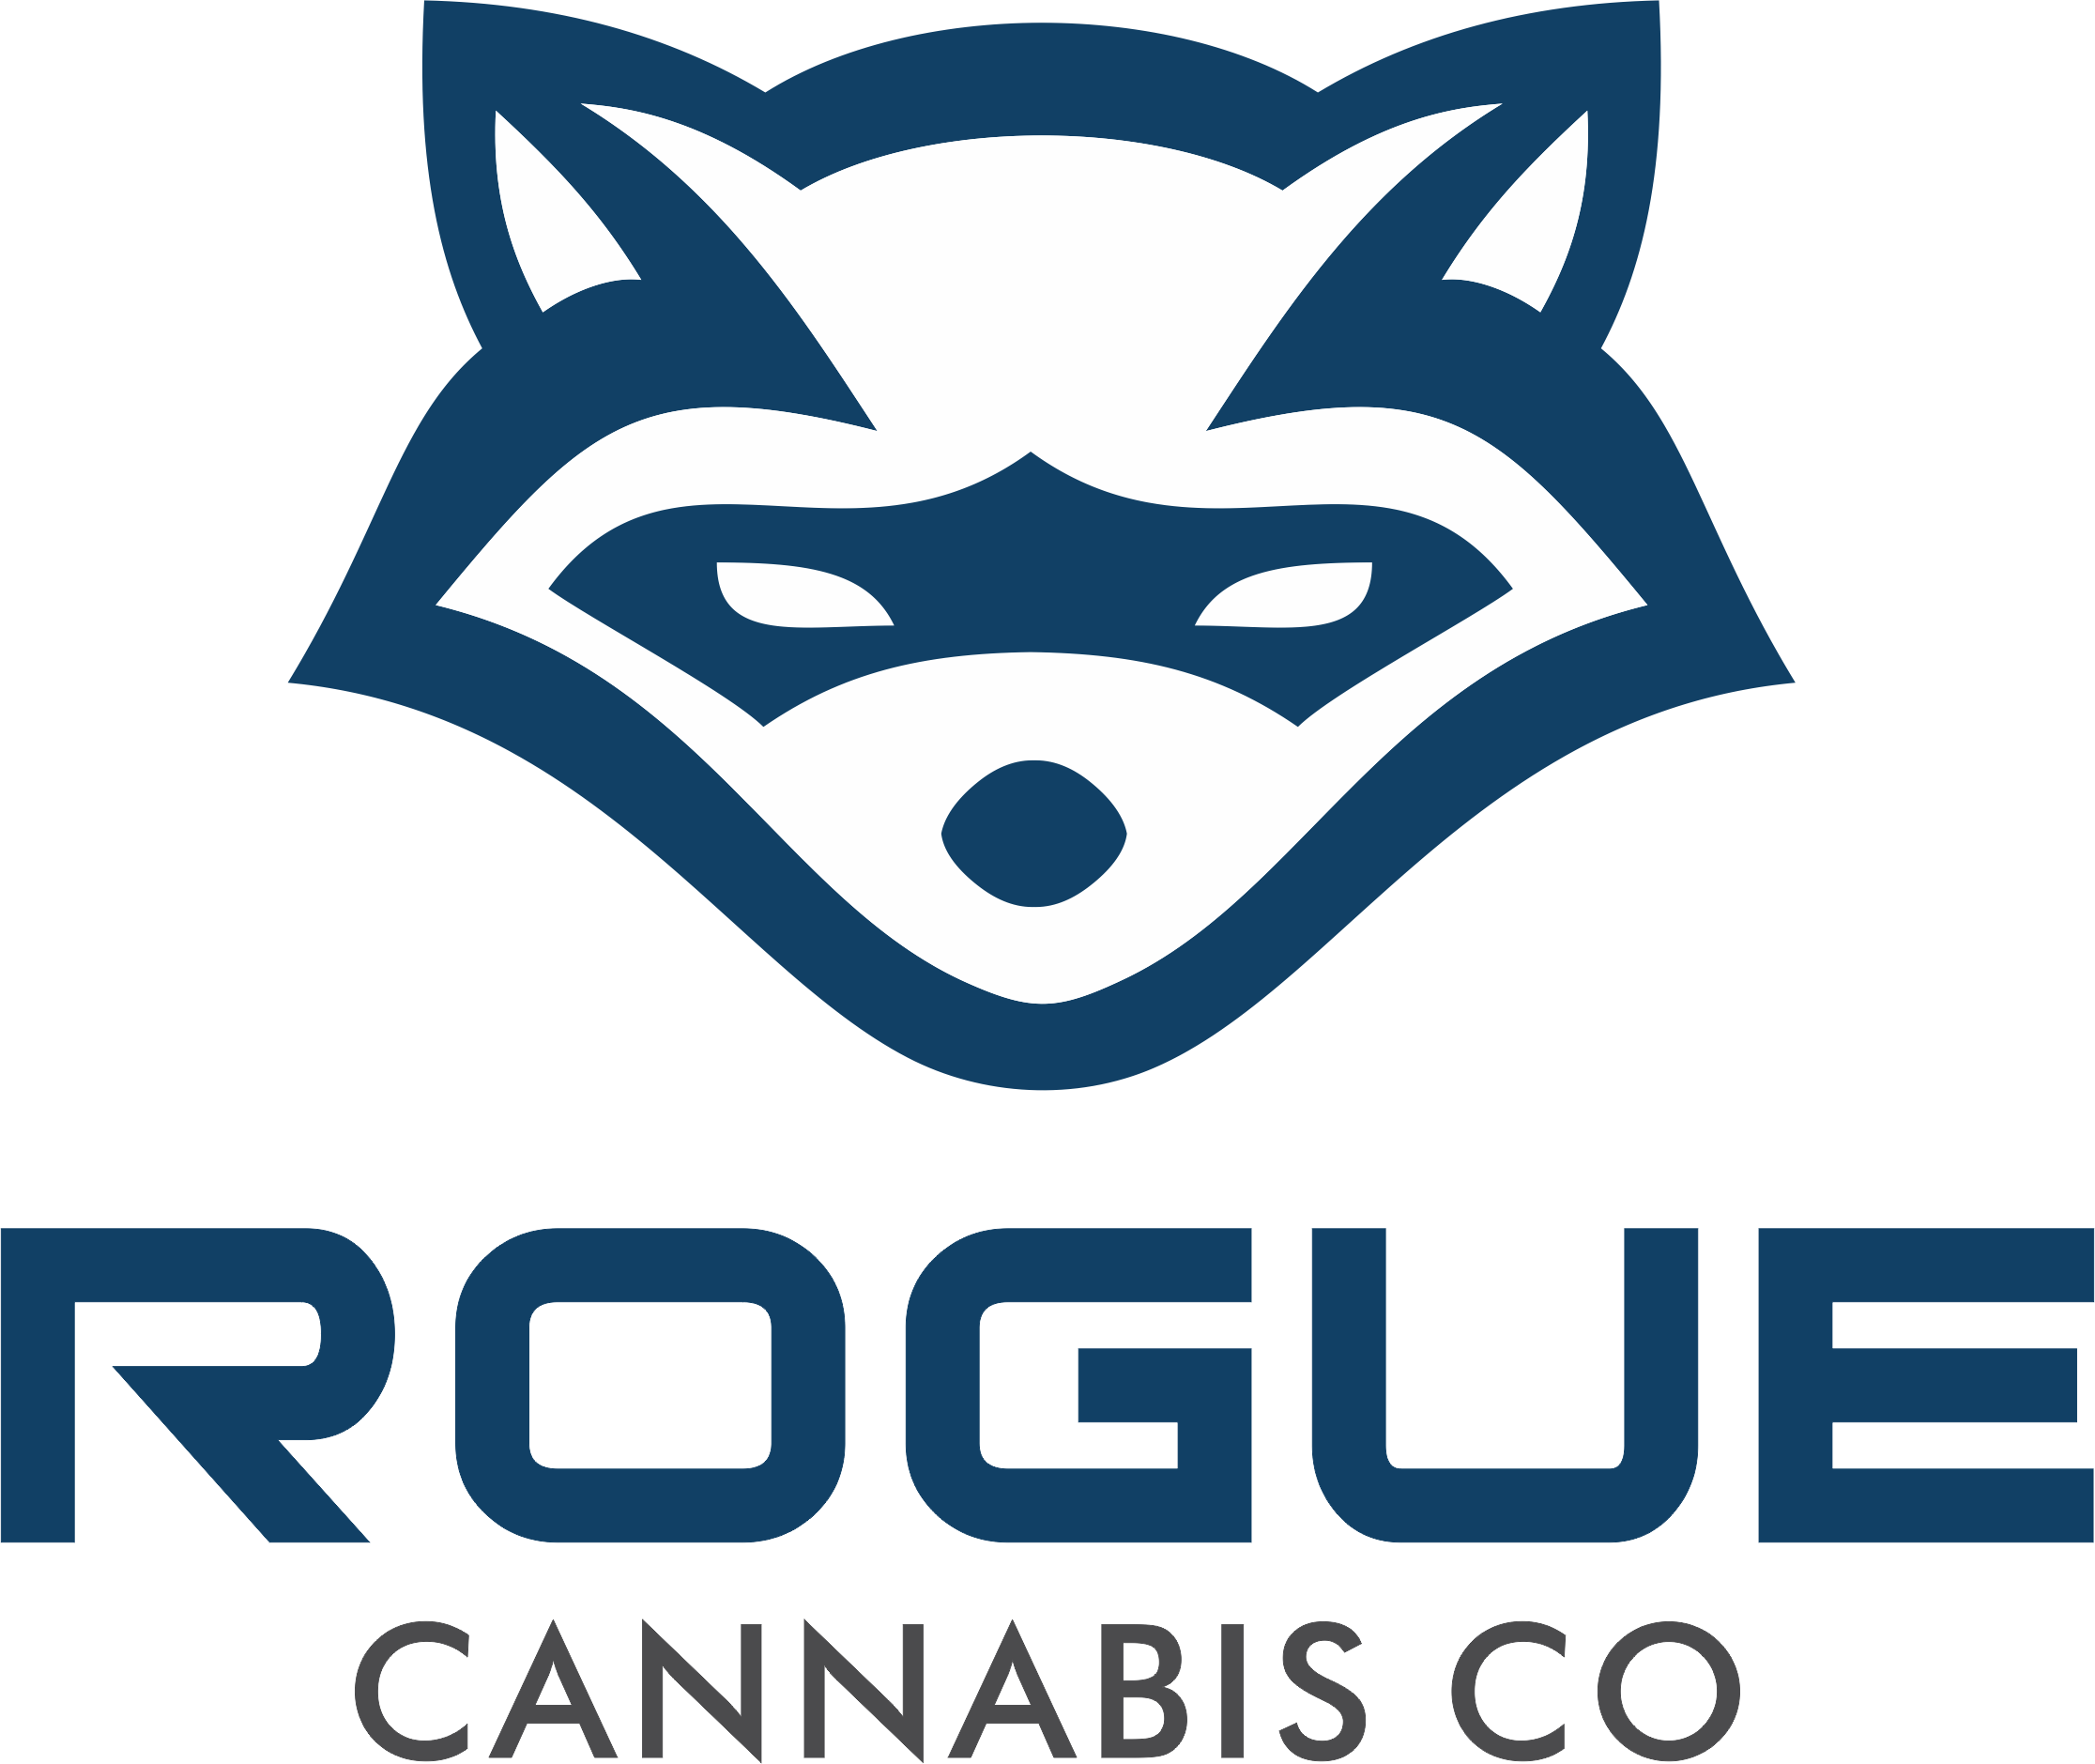 Rogue Cannabis logo